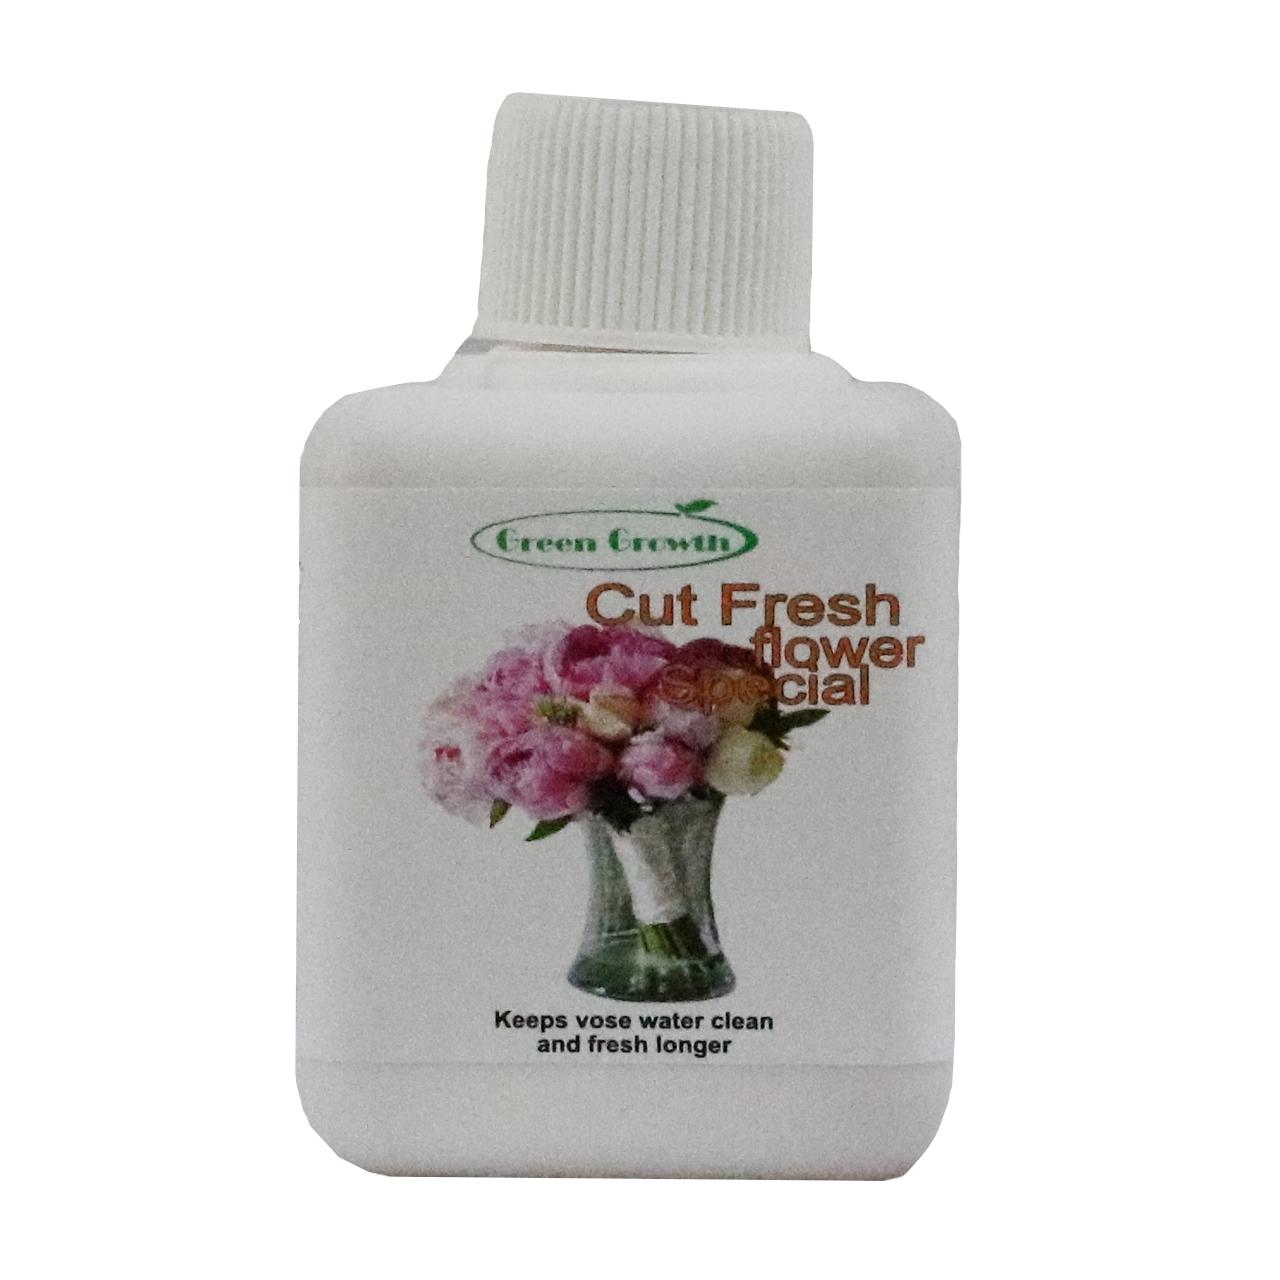 کود مایع گرین گروت مدل 08 حجم 90 میلی لیتر مناسب برای گل های شاخه بریده